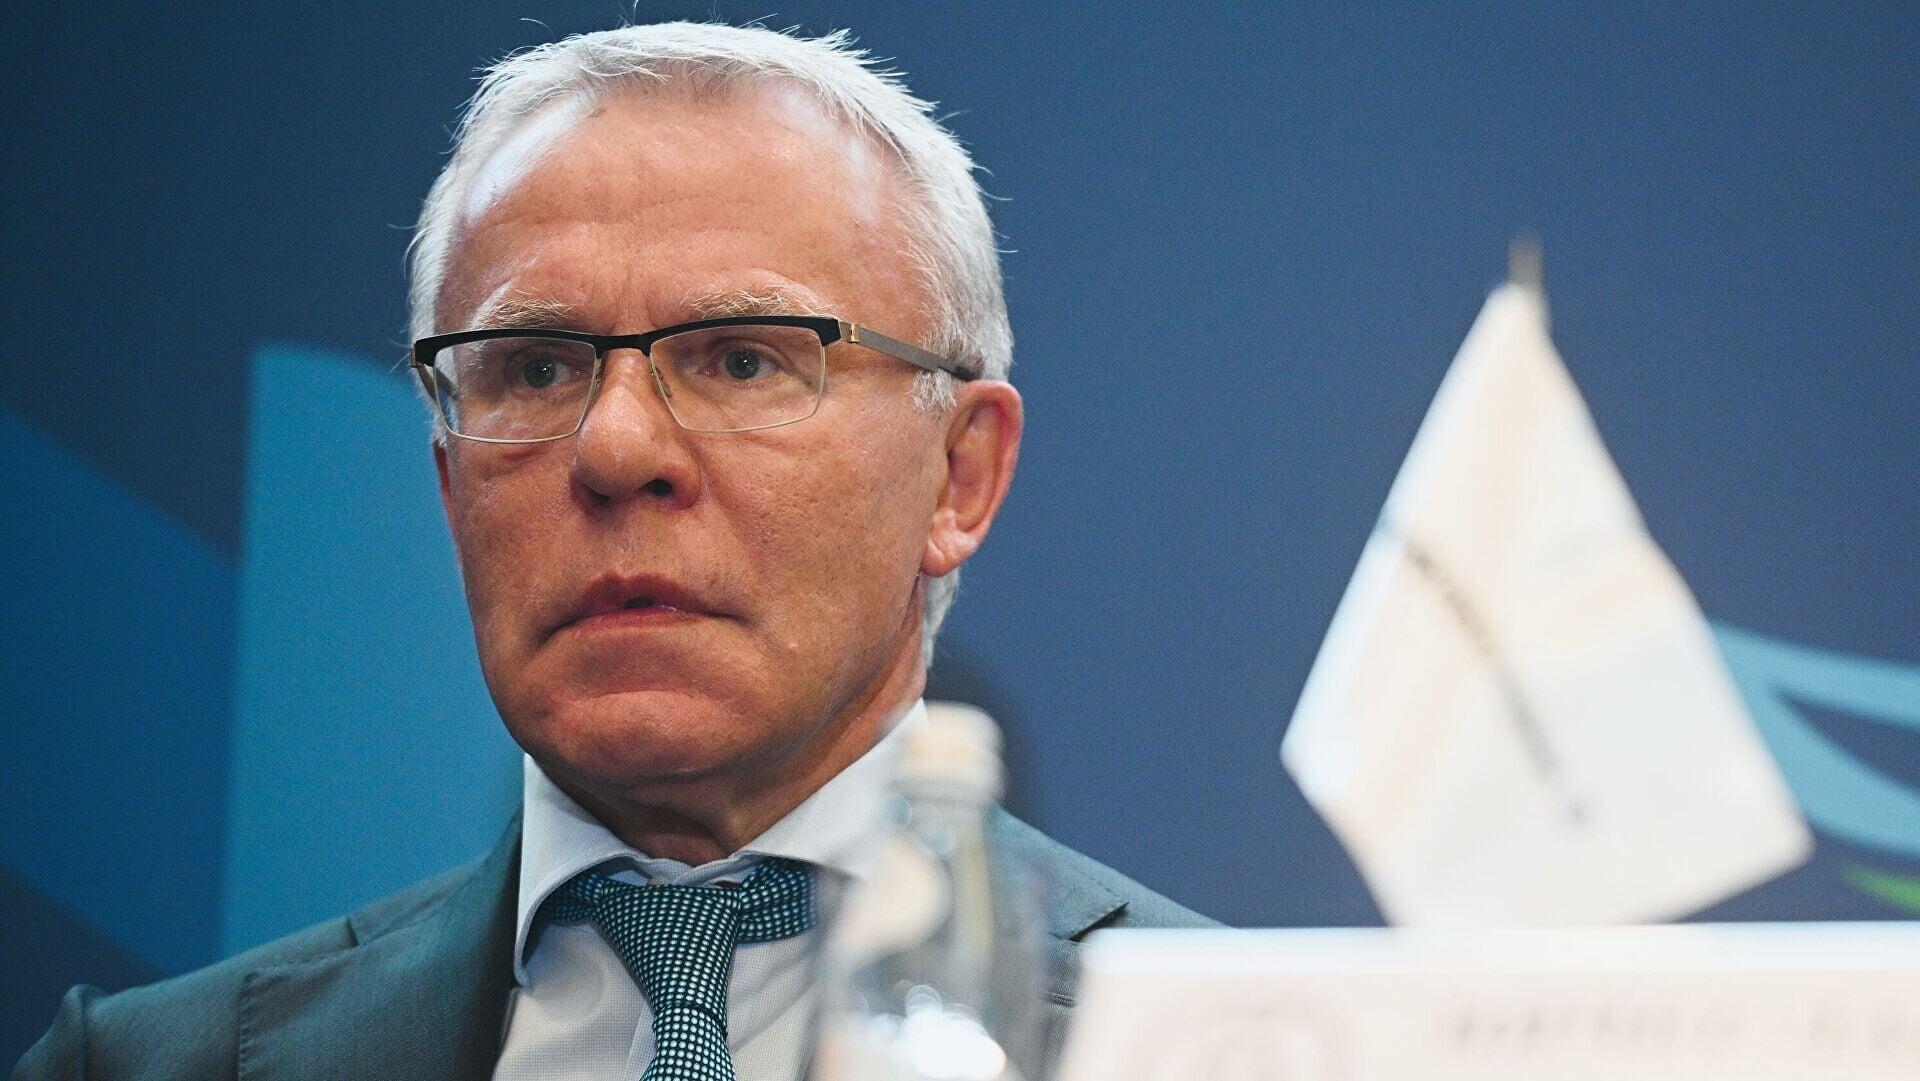 Фетисов о том, что 97% россиян не знают ни одного российского участника Олимпиады-2020: «Ужасные цифры, я в шоке. Вот так работают наши спортивные руководители»